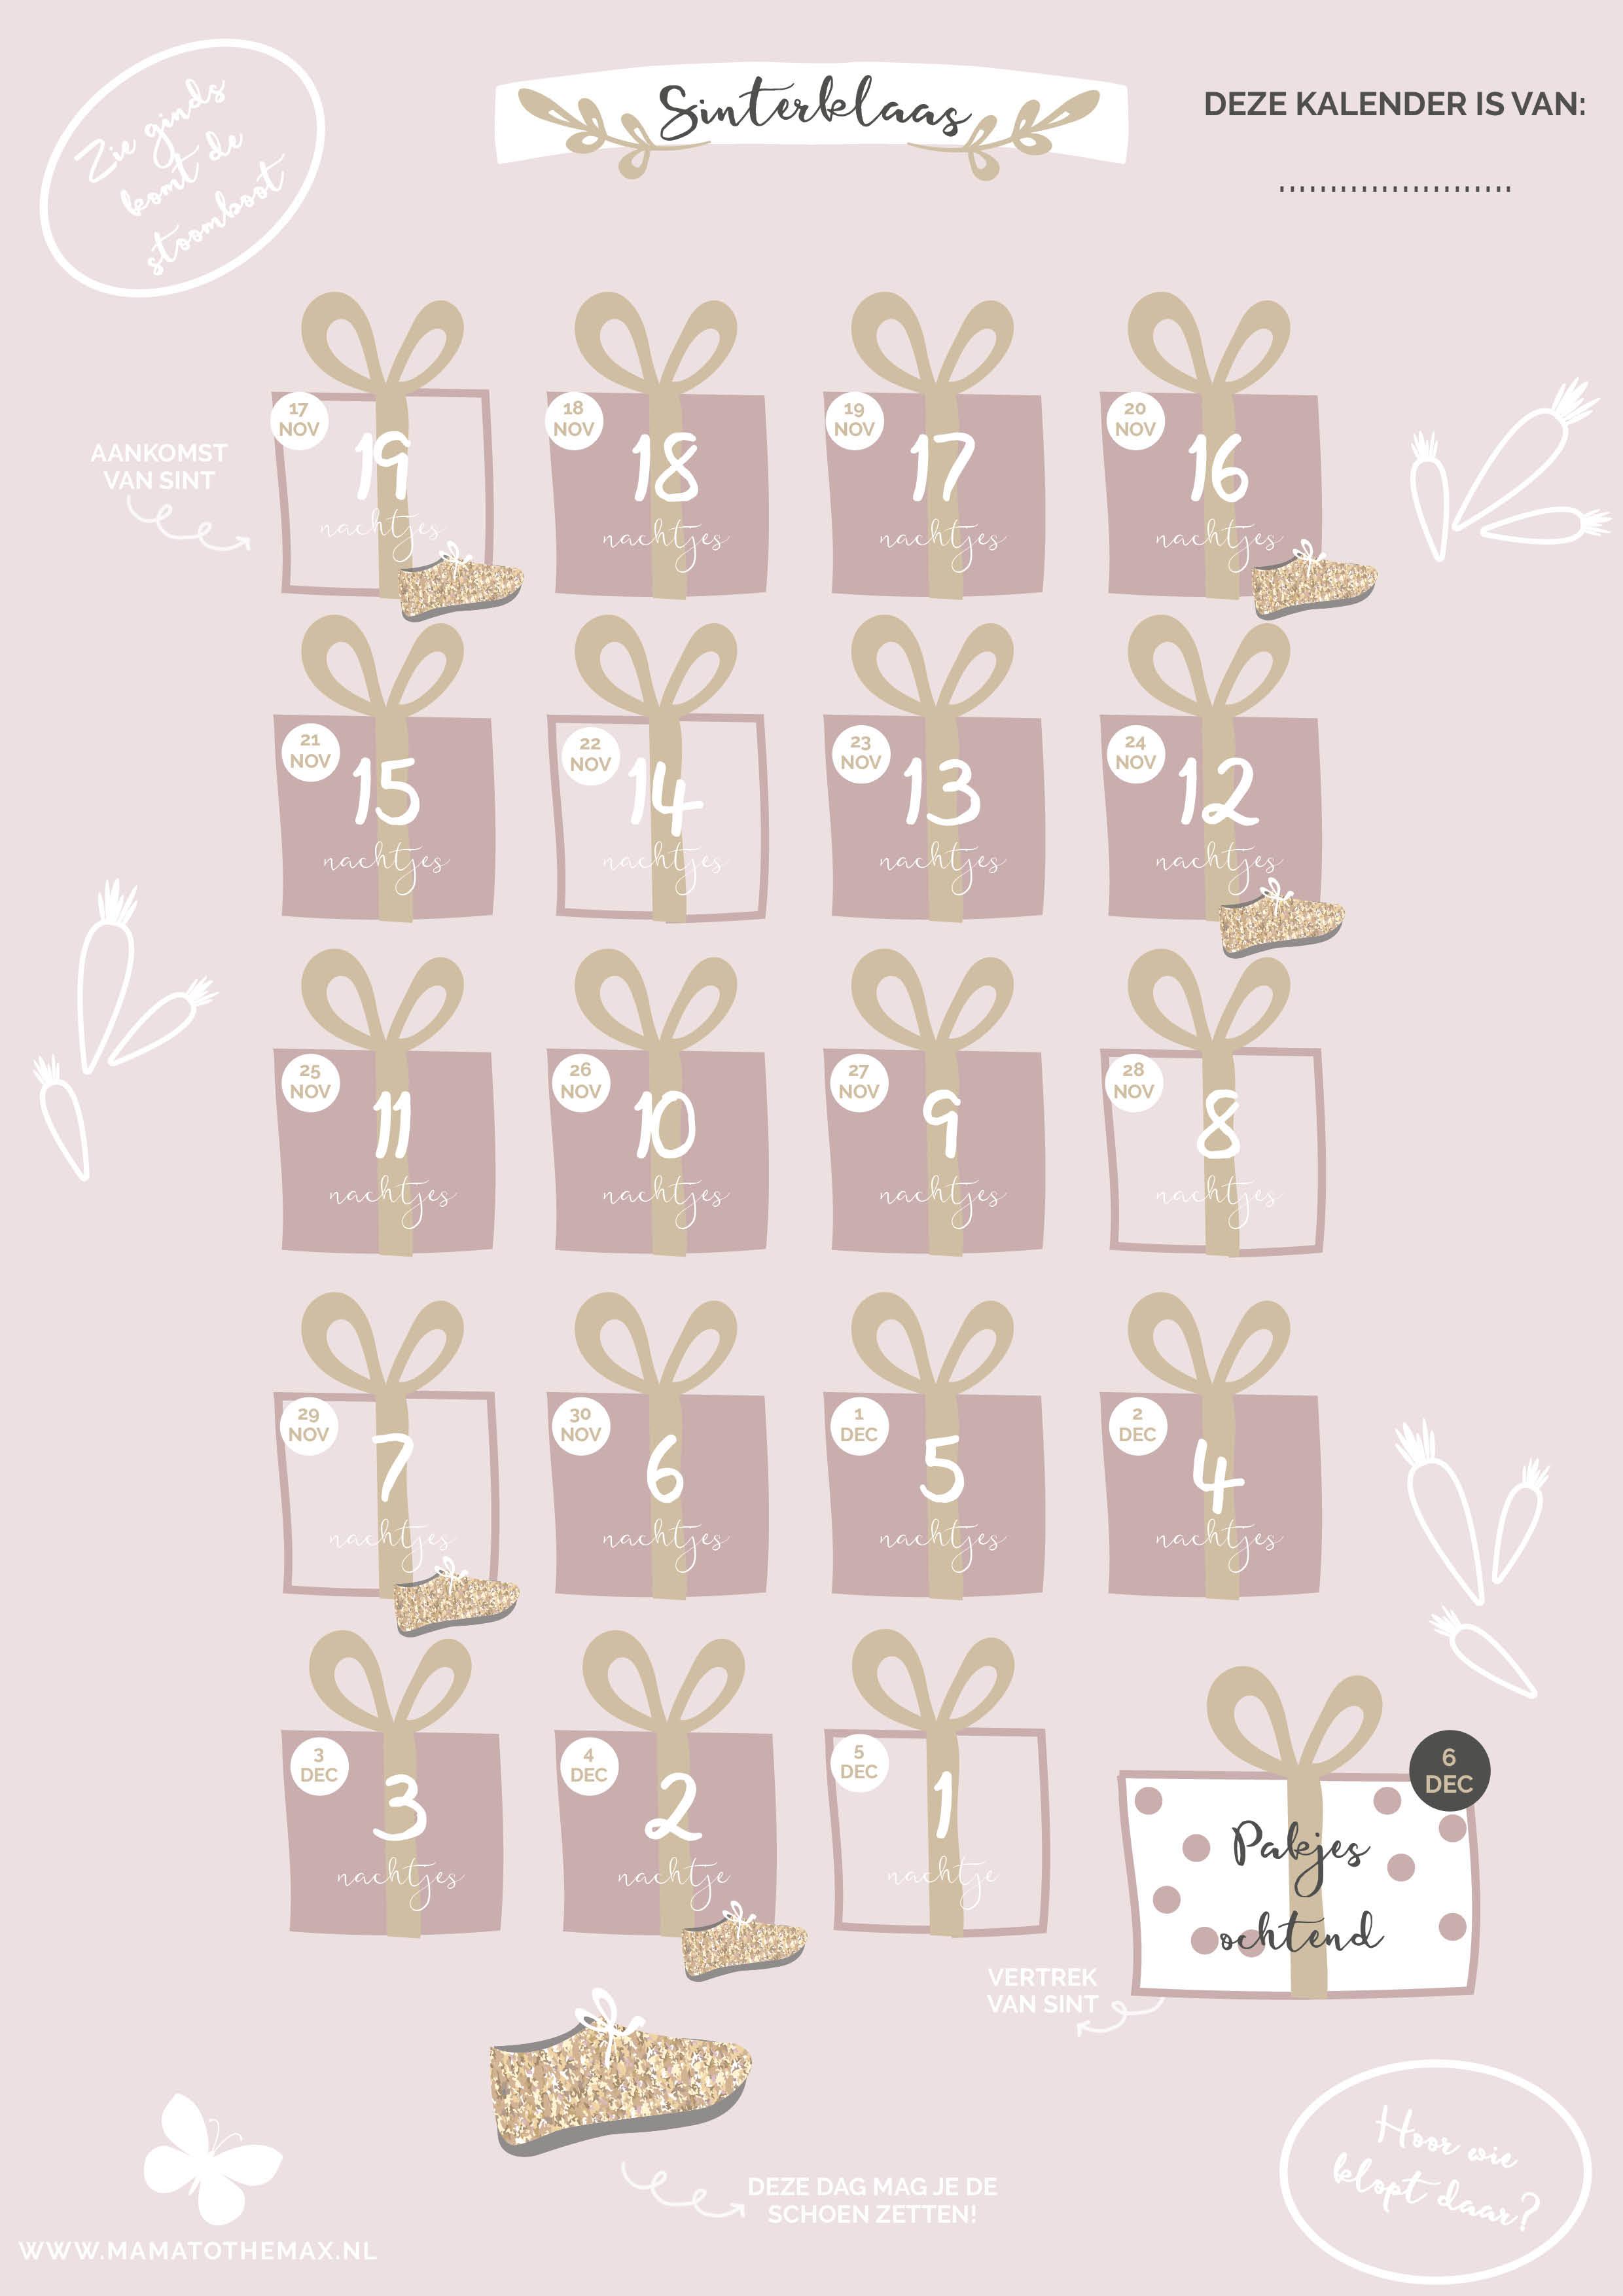 Aftelkalender Sinterklaas pakjesochtend